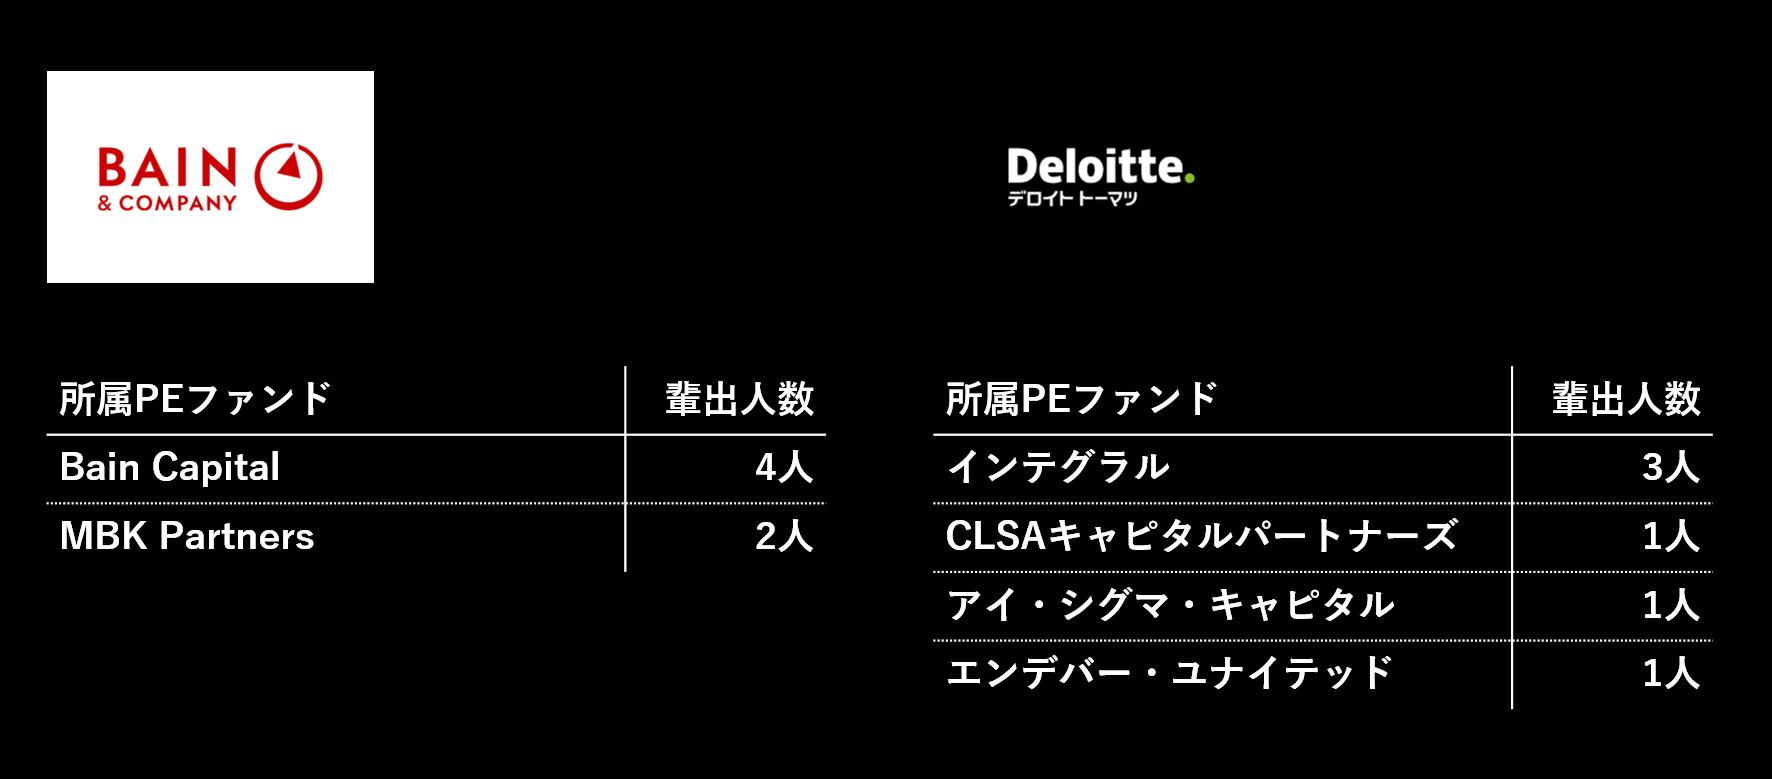 ベイン・デロイト_PEファンド人数